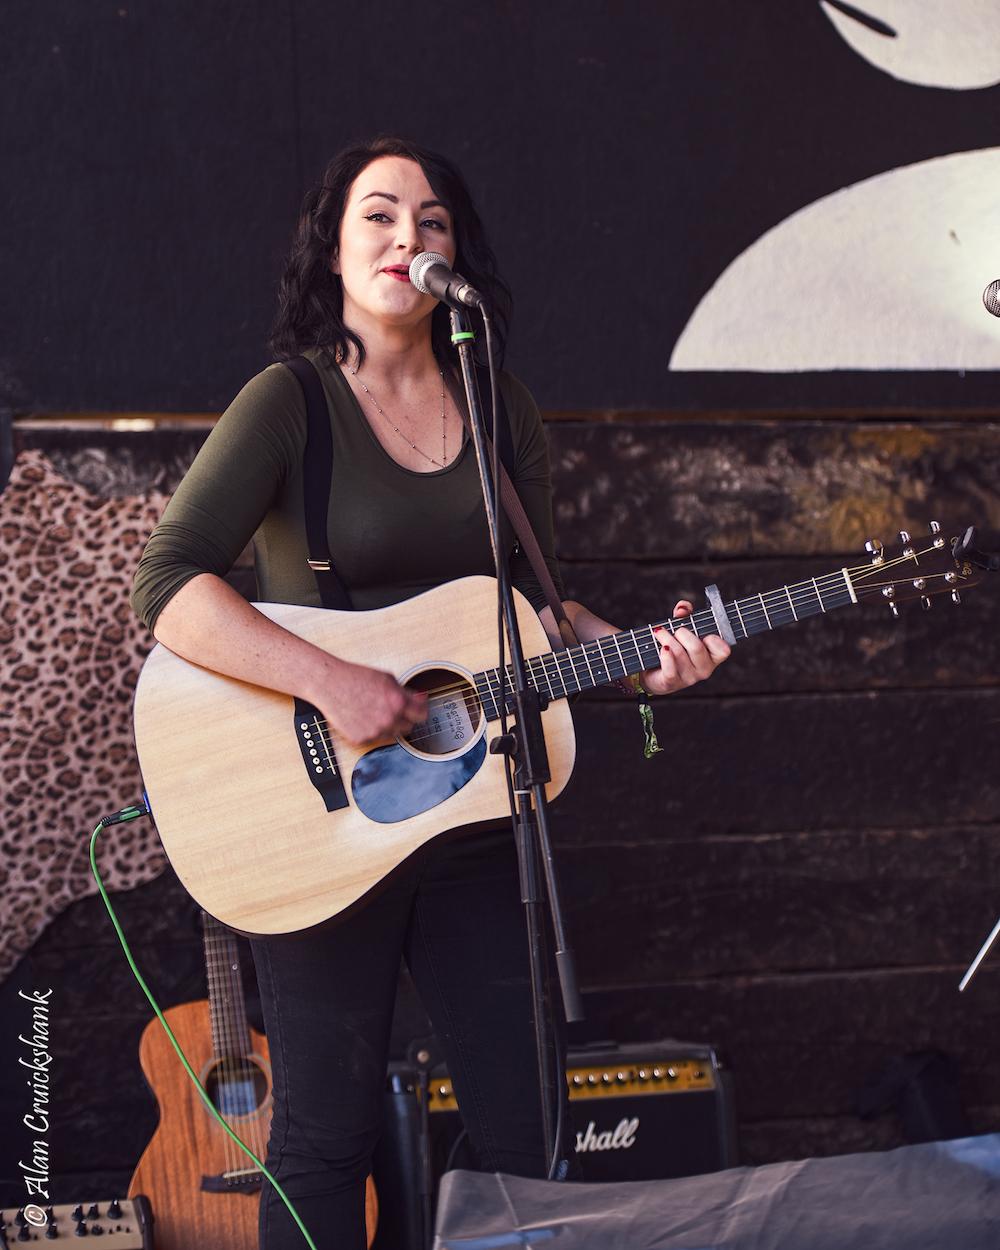 Sarah Gallagher at Jocktoberfest 2018 3a - Jocktoberfest 2018, Saturday - Images